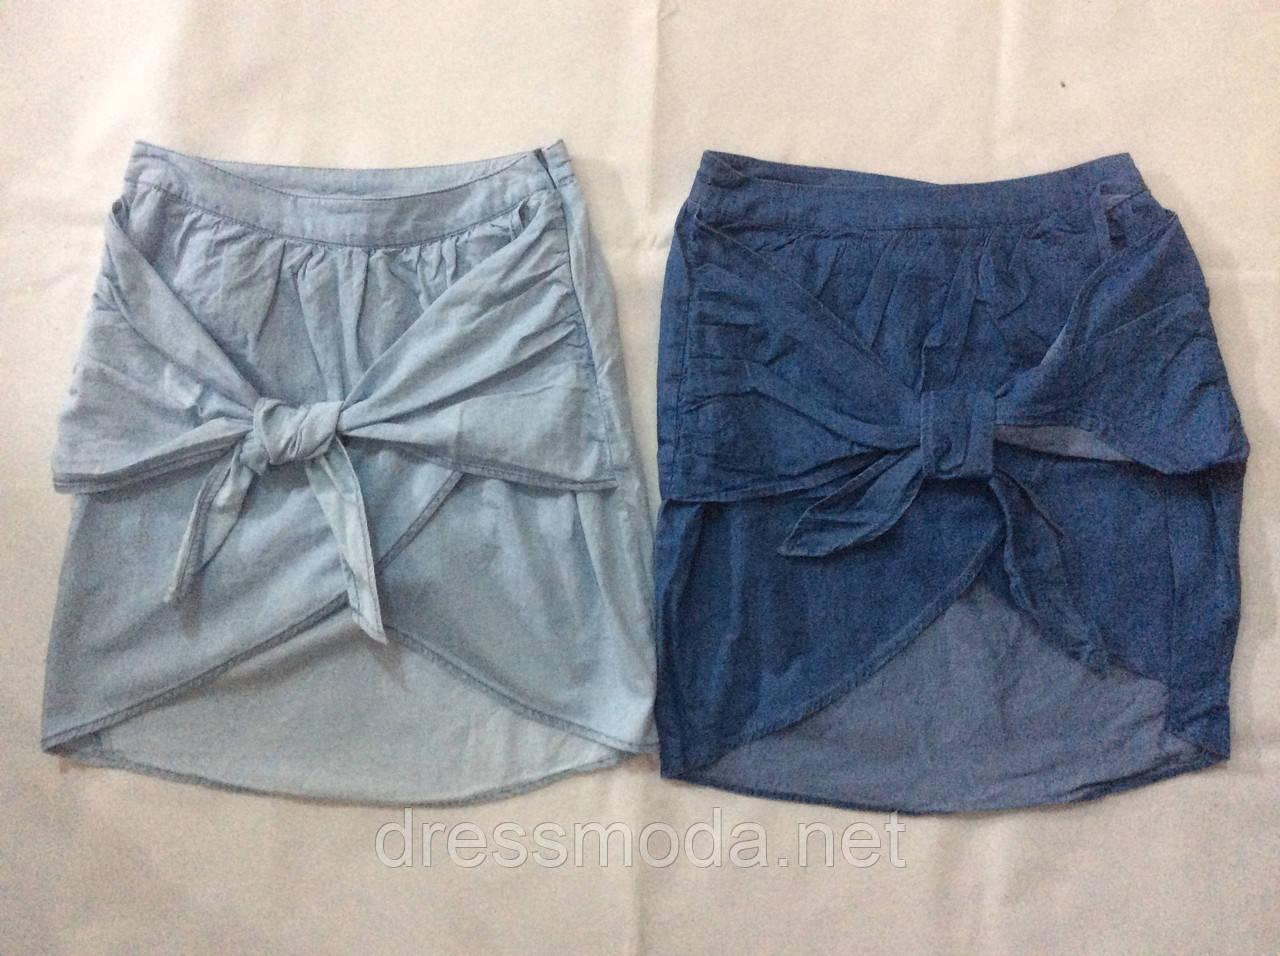 Джинсовые юбки для девочек Glo-Story 152-170 p.p.